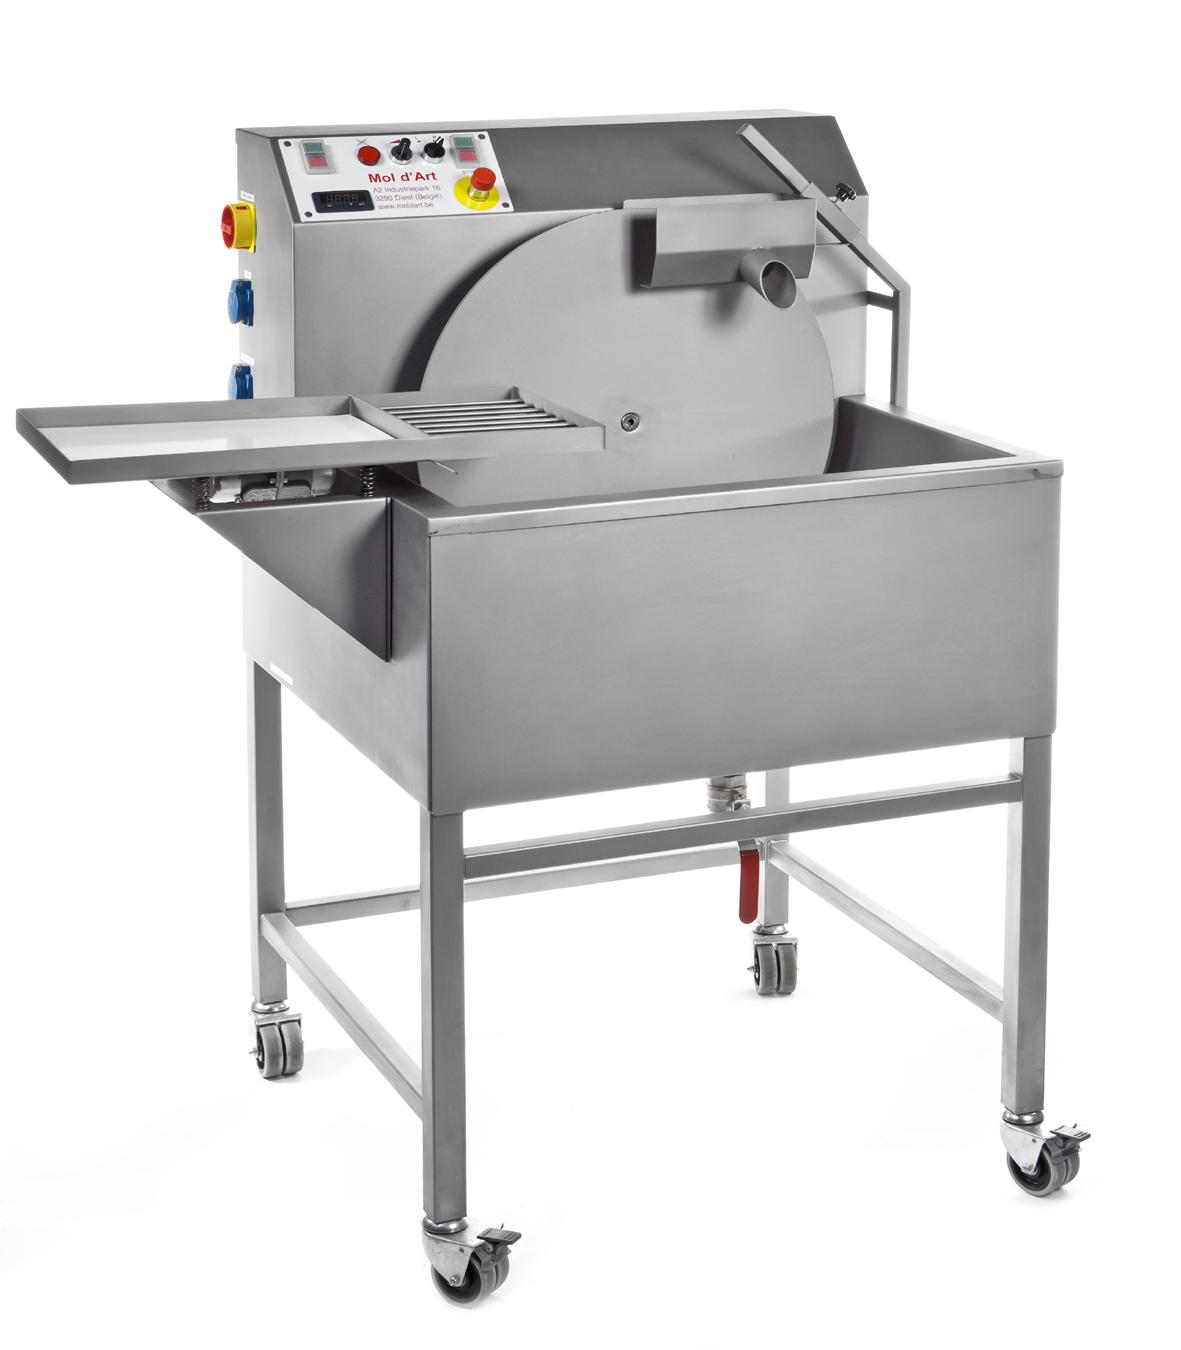 machine a laver 10 kg machine a laver whirlpool 15 kg midea machine laver mam70 s140gps 7 kg. Black Bedroom Furniture Sets. Home Design Ideas